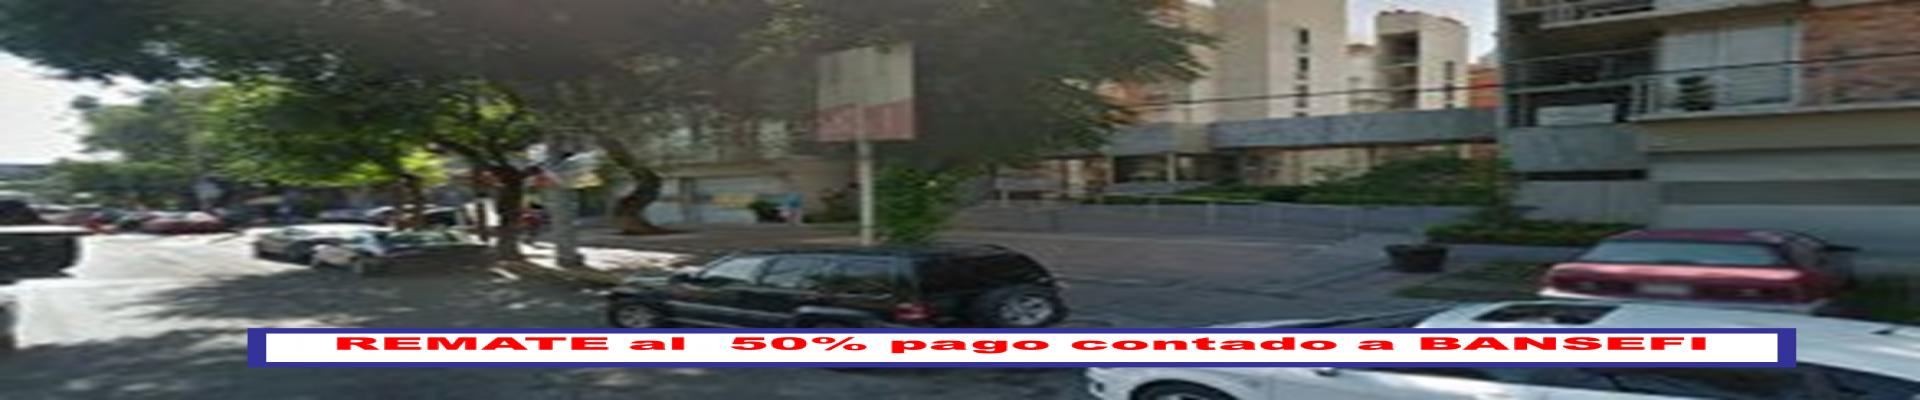 Gustavo A. Madero,Distrito Federal,Mexico,3 Bedrooms Bedrooms,2 BathroomsBathrooms,Apartamentos,UNIDAD MARGARITA MAZA DE JUAREZ,5457